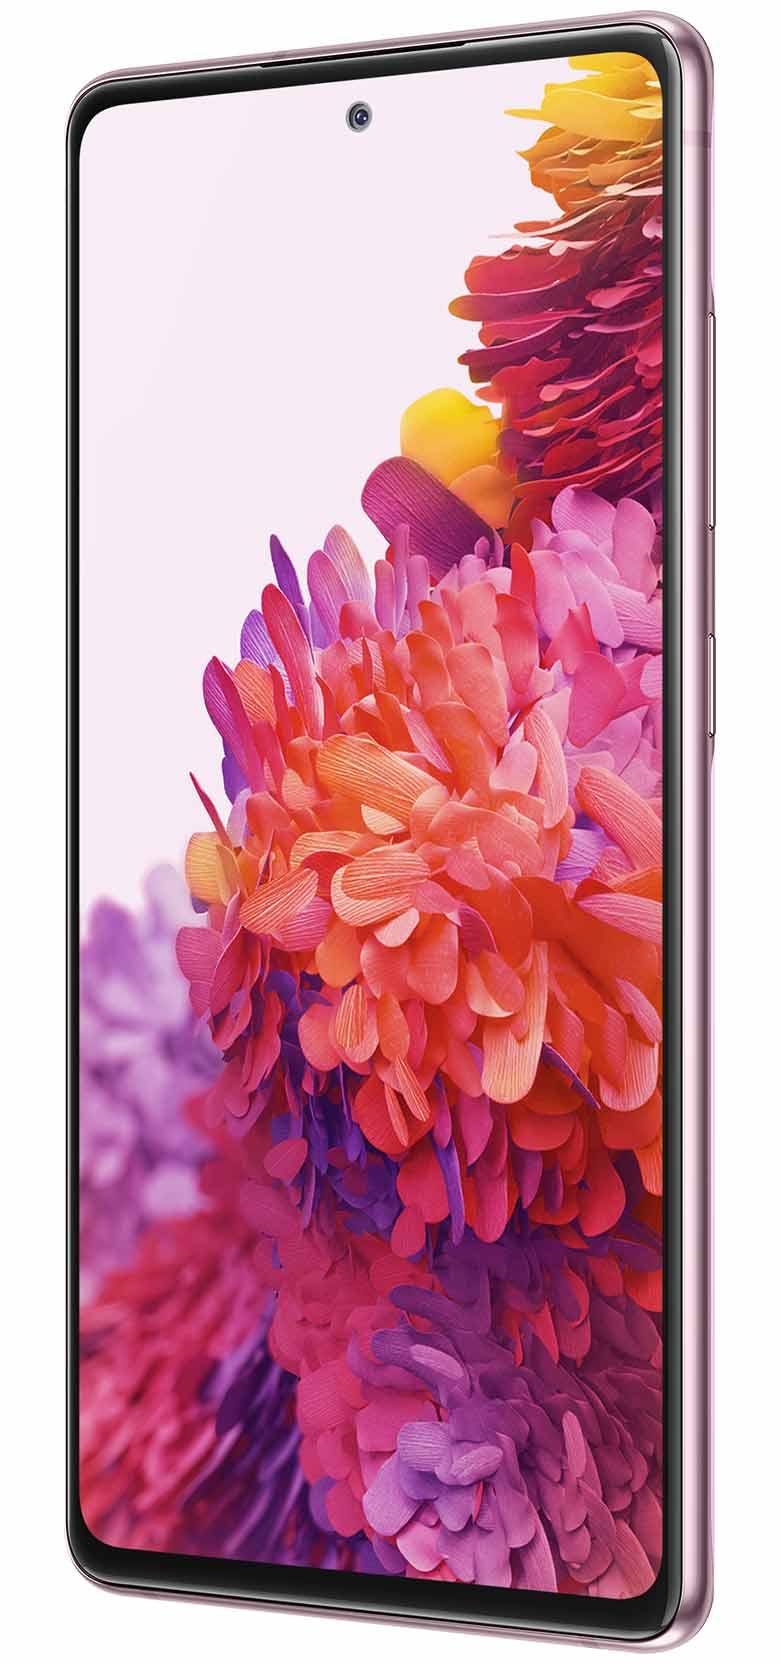 Samsung Galaxy S20 FE 5G Cloud Lavender 128GB | 8GB RAM